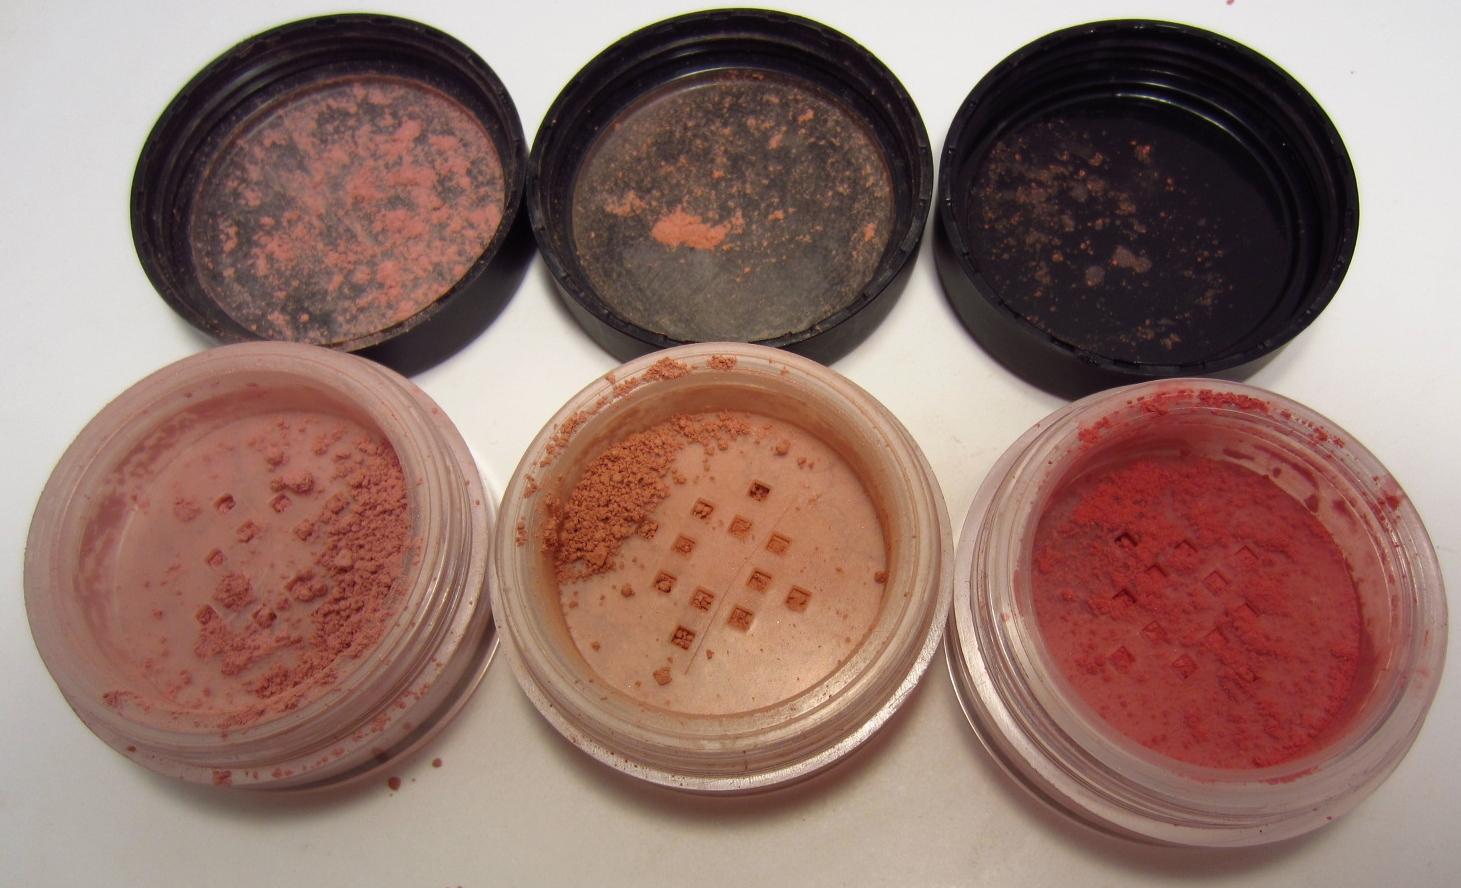 Phấn má hồng Mineral Blush của E.L.F. là mỹ phẩm giá tốt giúp người dùng tạo nên gương mặt rạng rỡ, tươi sáng, tươi sáng và bền màu